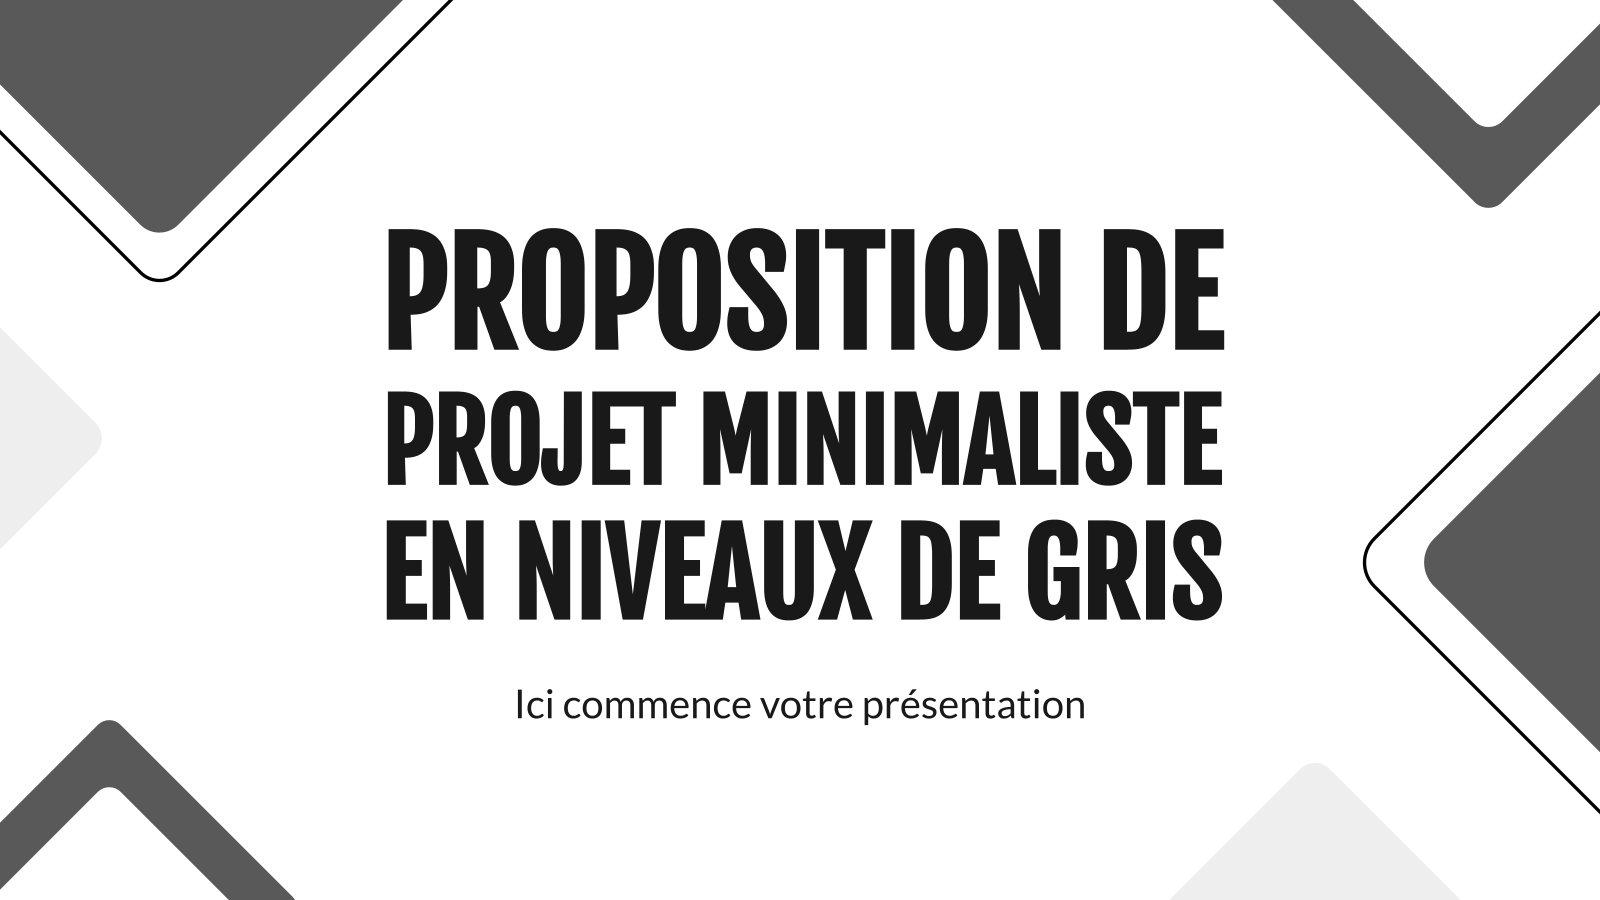 Plantilla de presentación Proposition de projet minimaliste en niveaux de gris